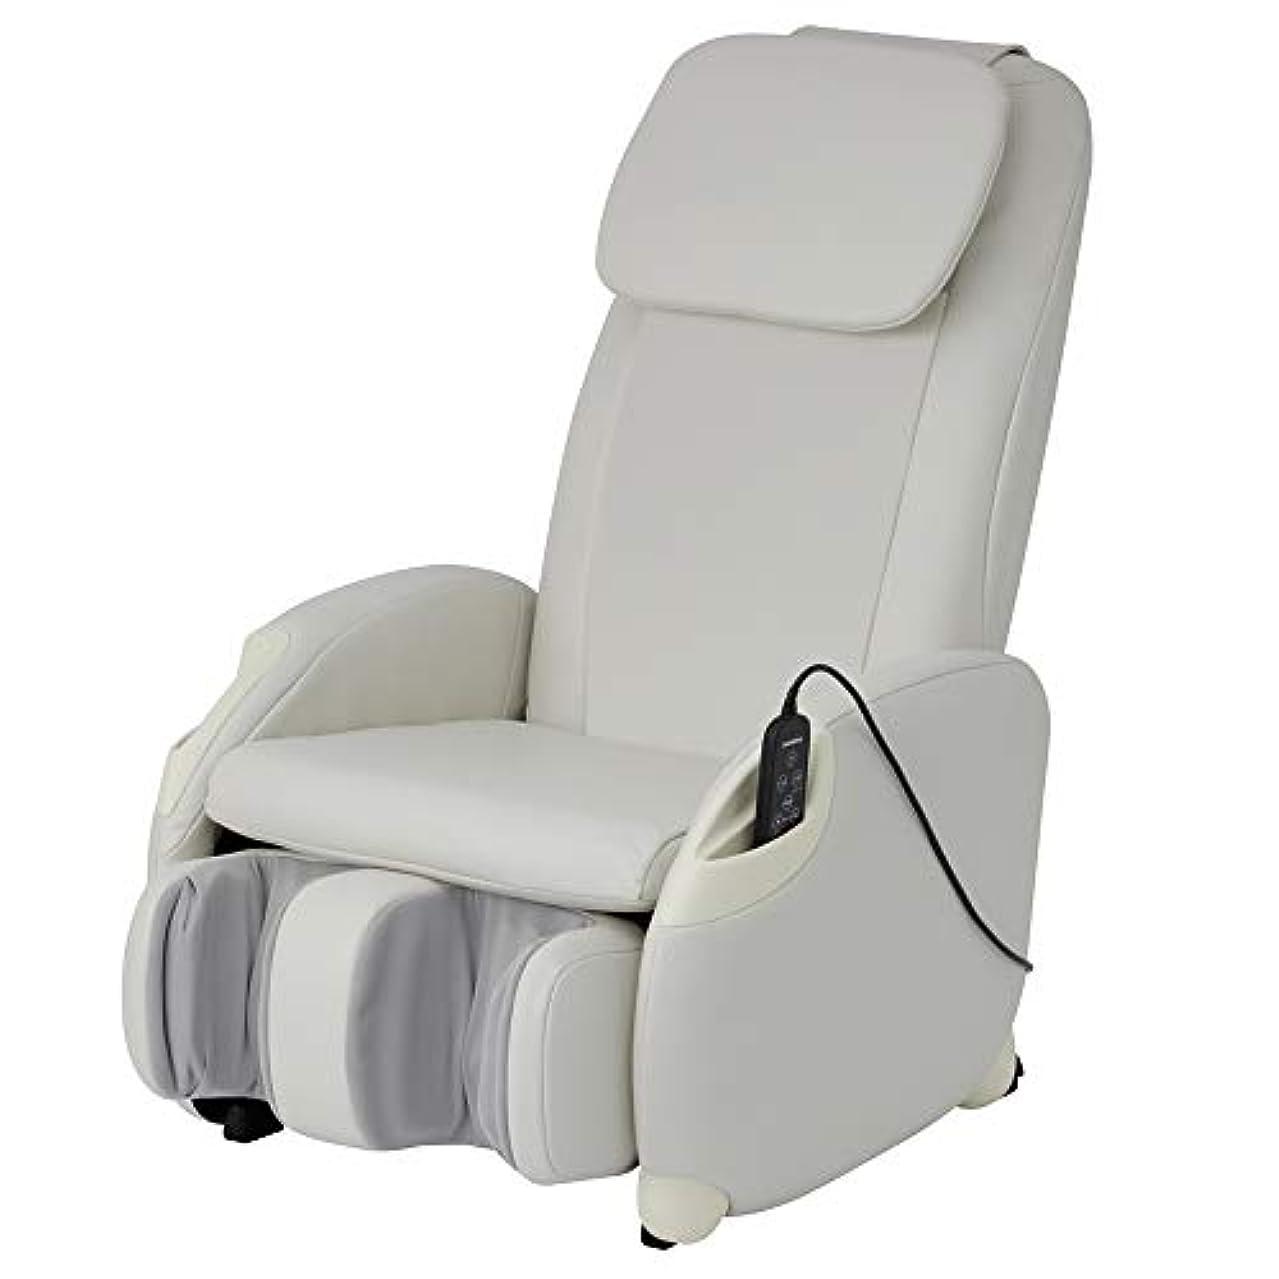 デイジーサイドボードドナースライヴ マッサージチェア くつろぎ指定席Light CHD-3400 ホワイト